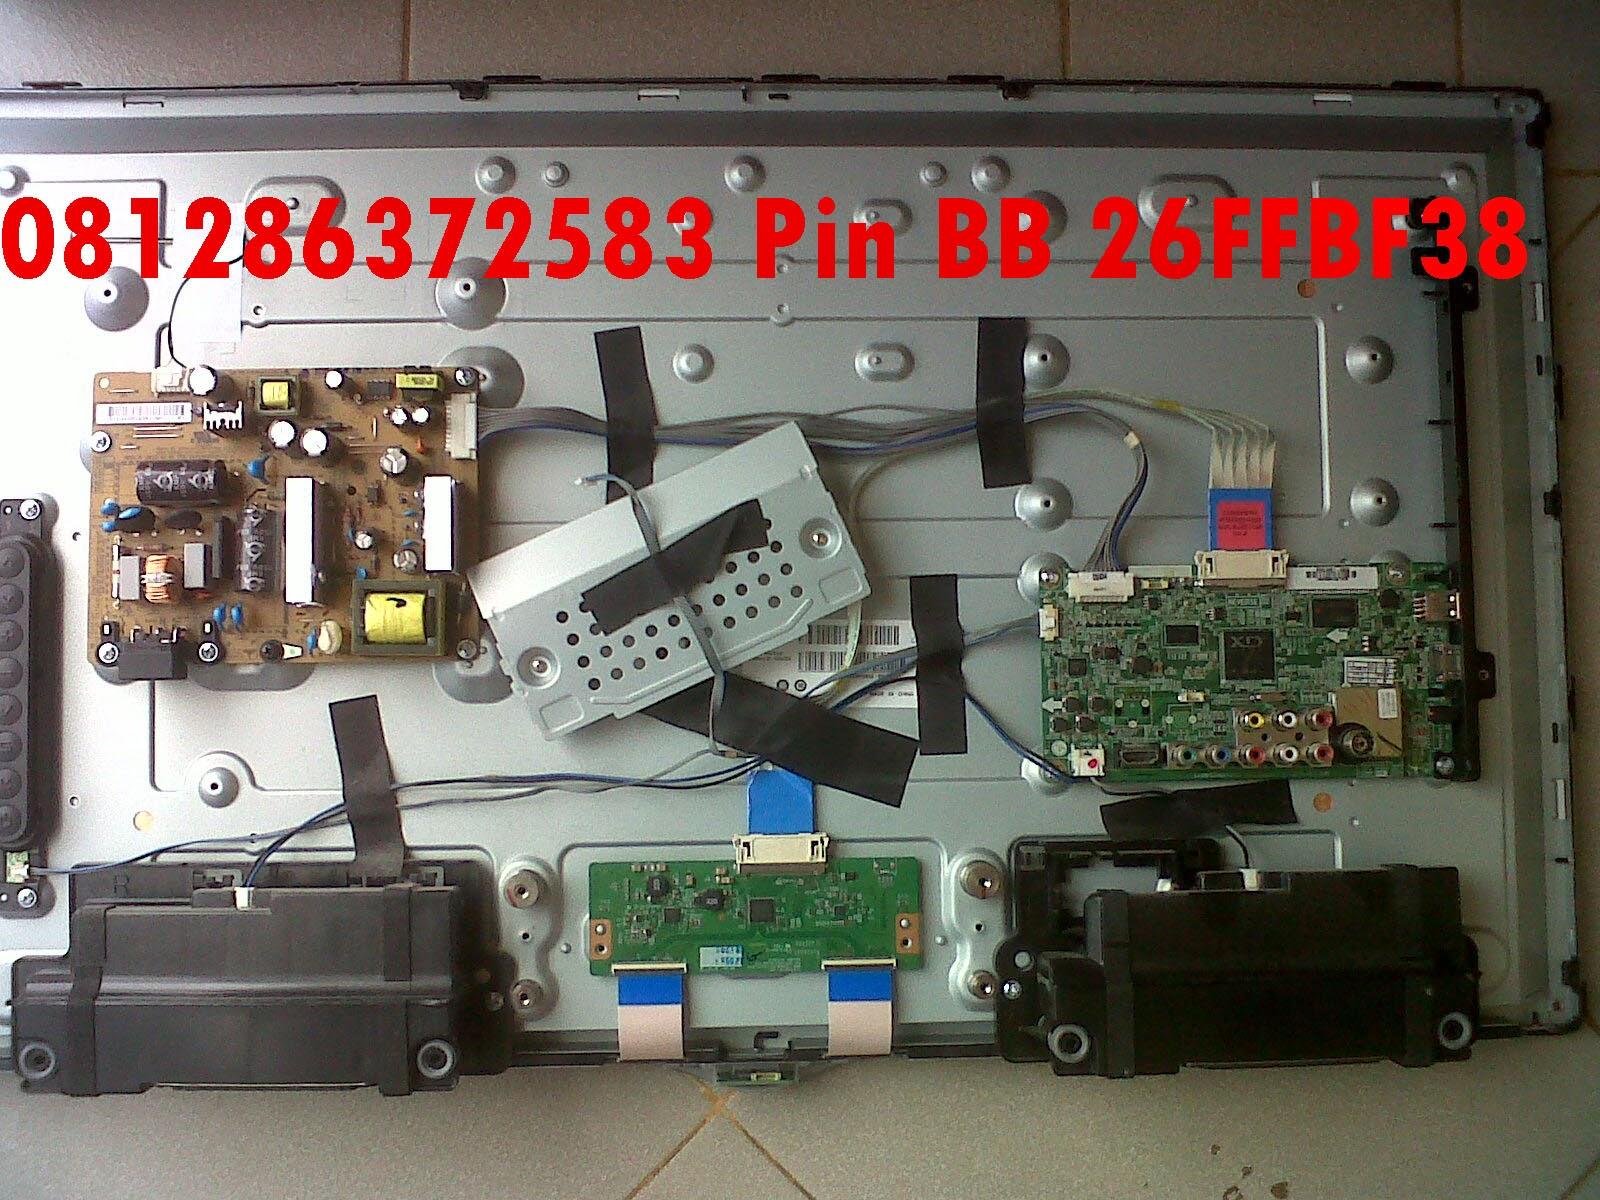 Service LG 32LN5400 LED TV